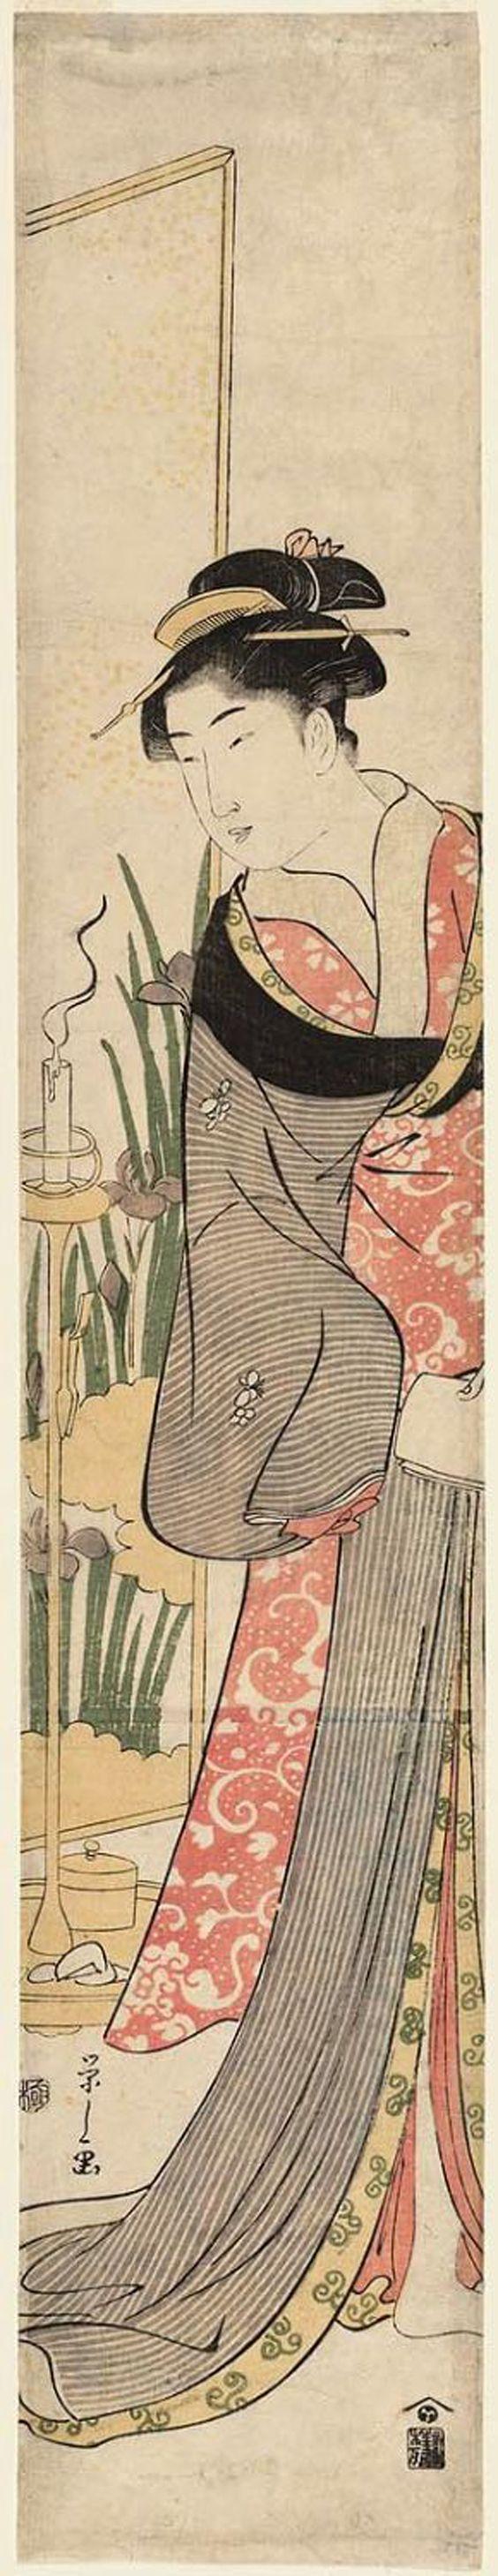 Eishi Hosoda / Junge Frau im Irisgarten